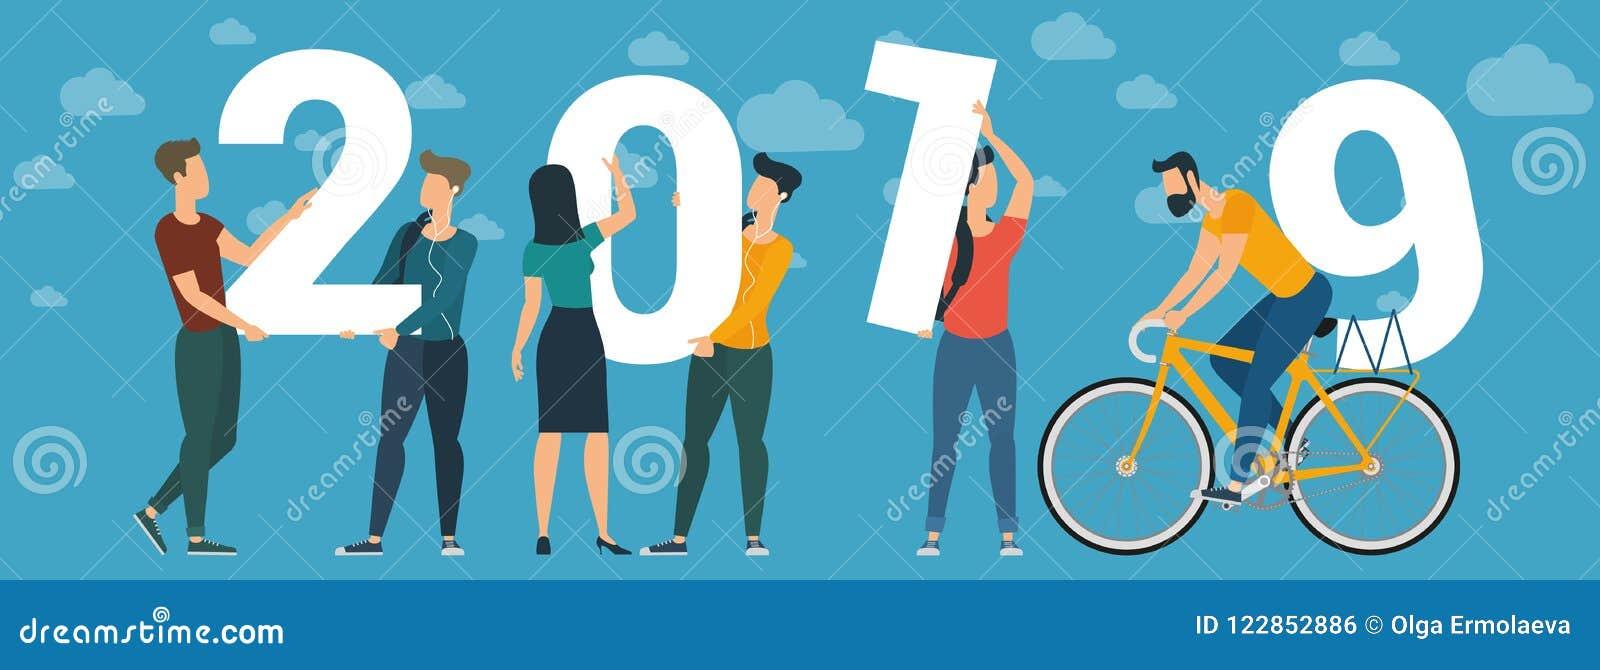 2019 vektorbegrepp för lyckligt nytt år